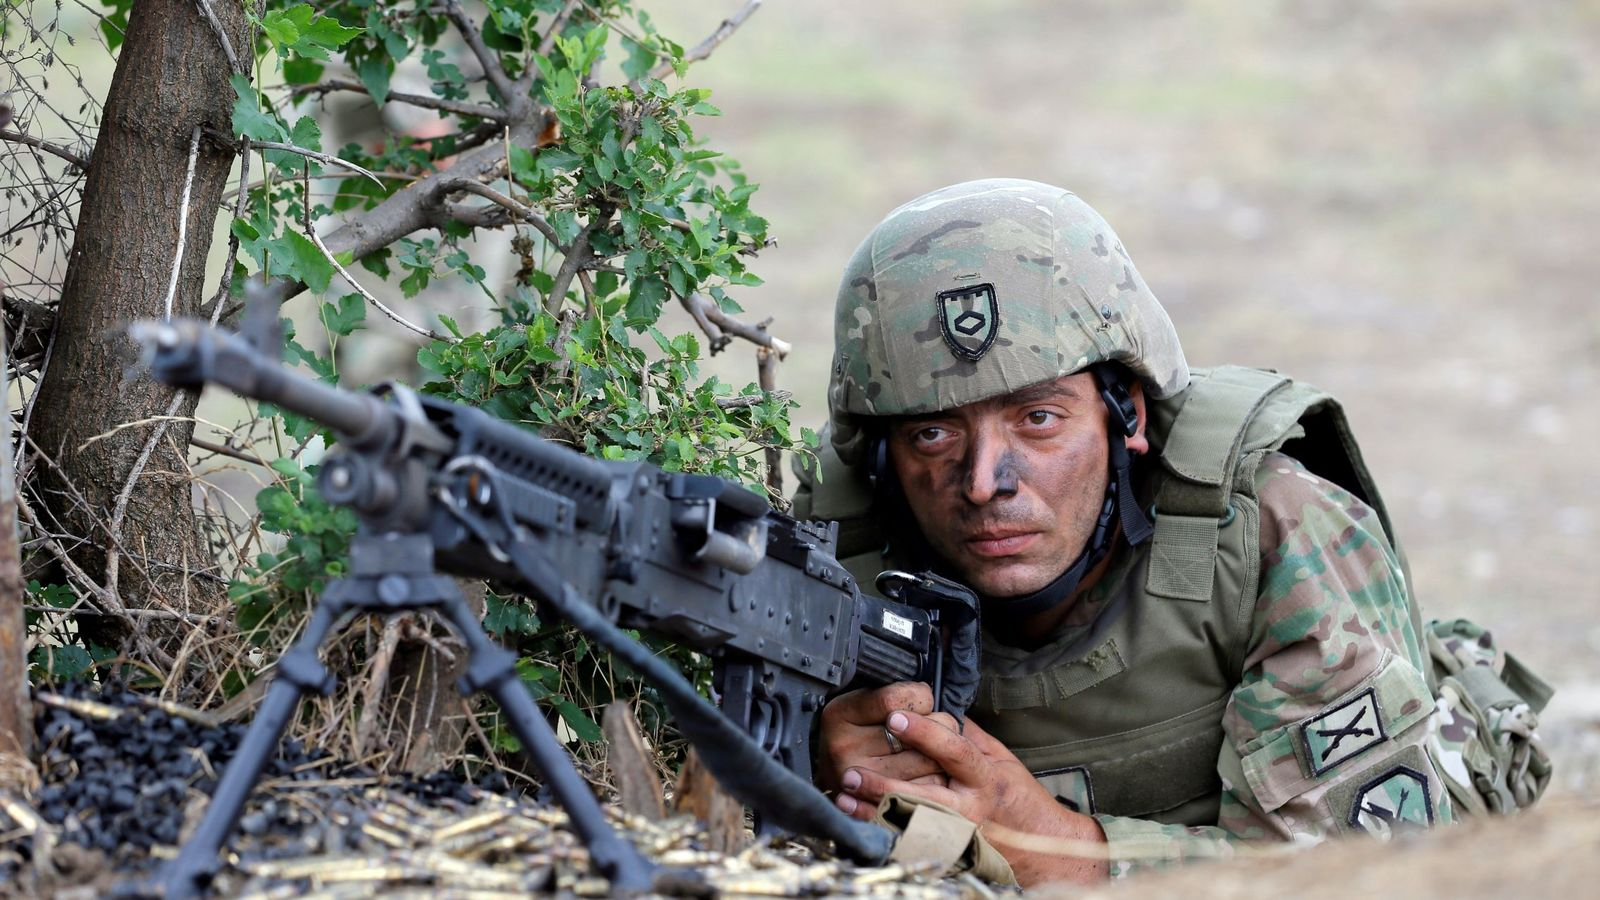 Foto: No hace falta ingresar en el ejército para hacer la dieta militar (EFE/Zurab Kurtsikidze)